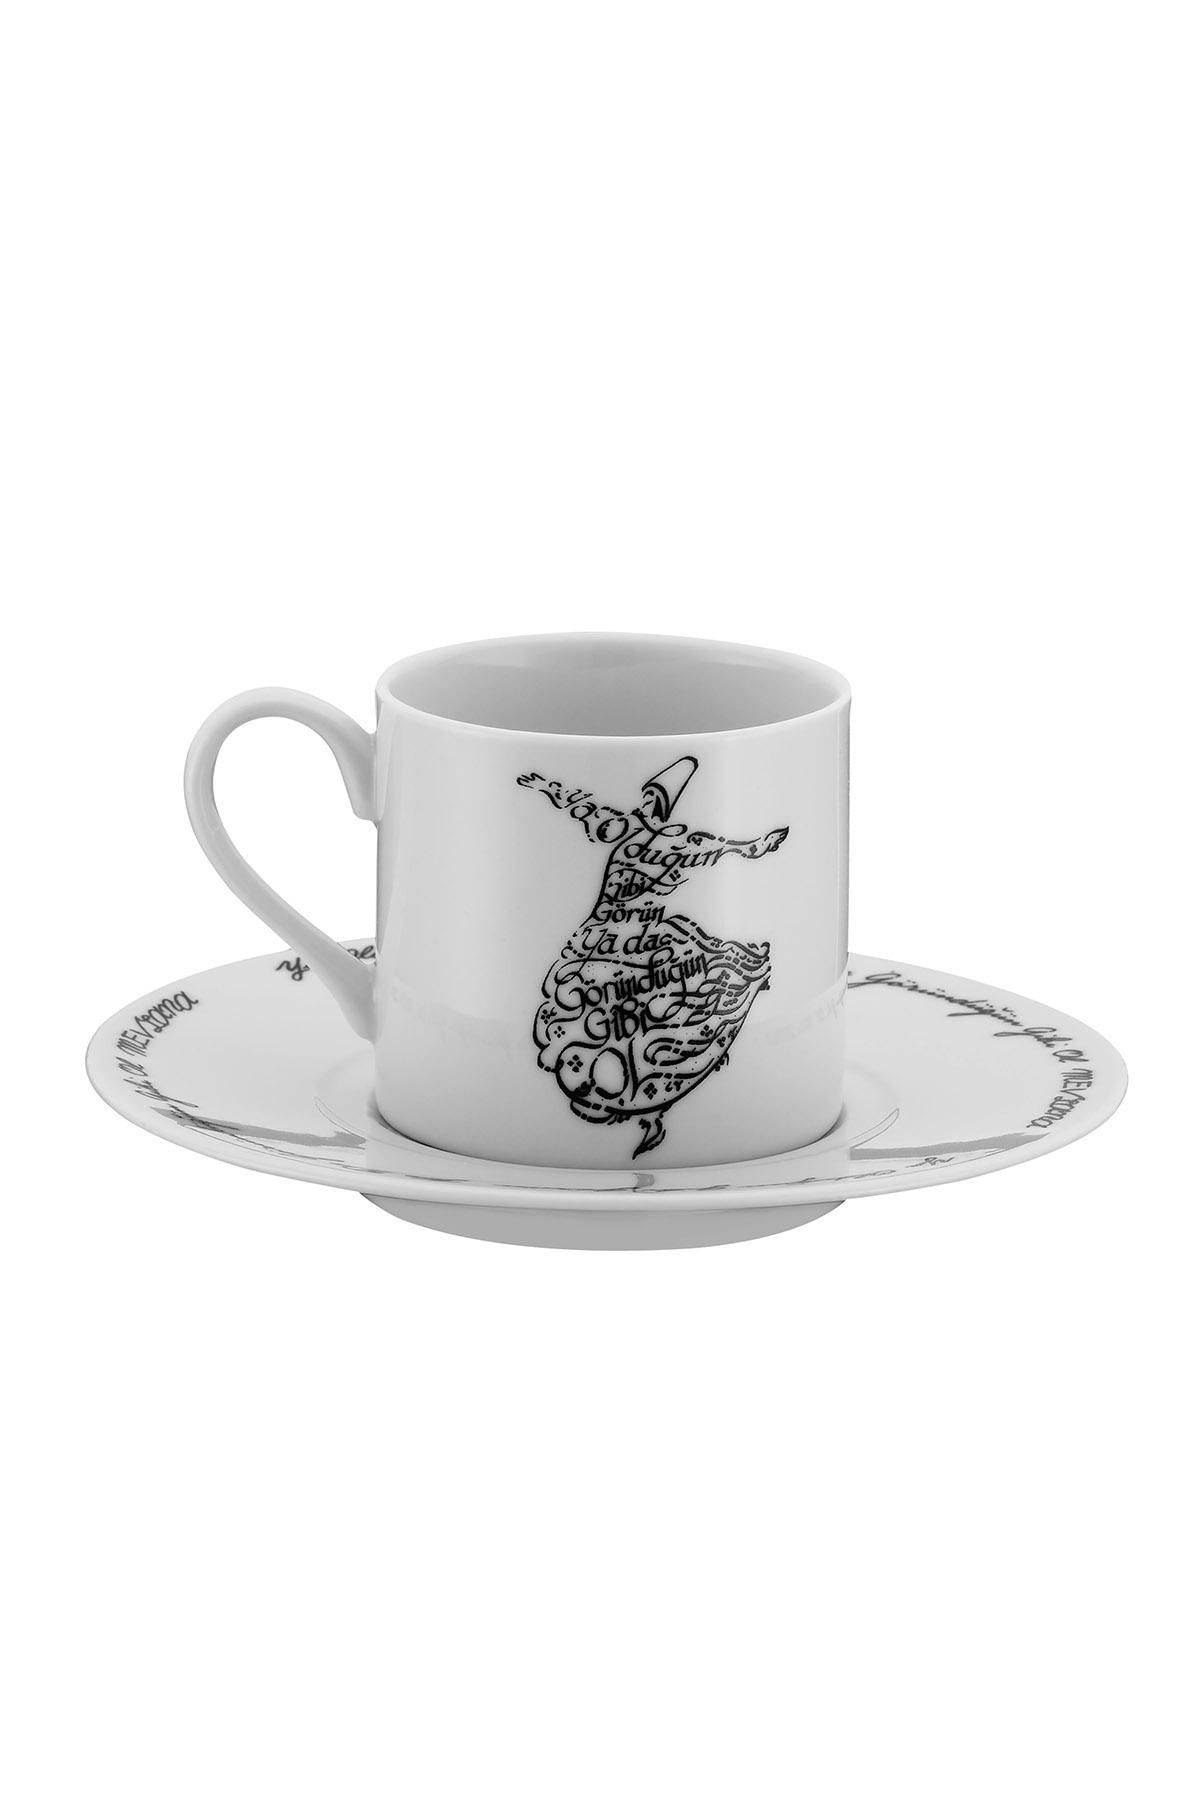 Kütahya Porselen Mevlana Kahve Takımı 10449